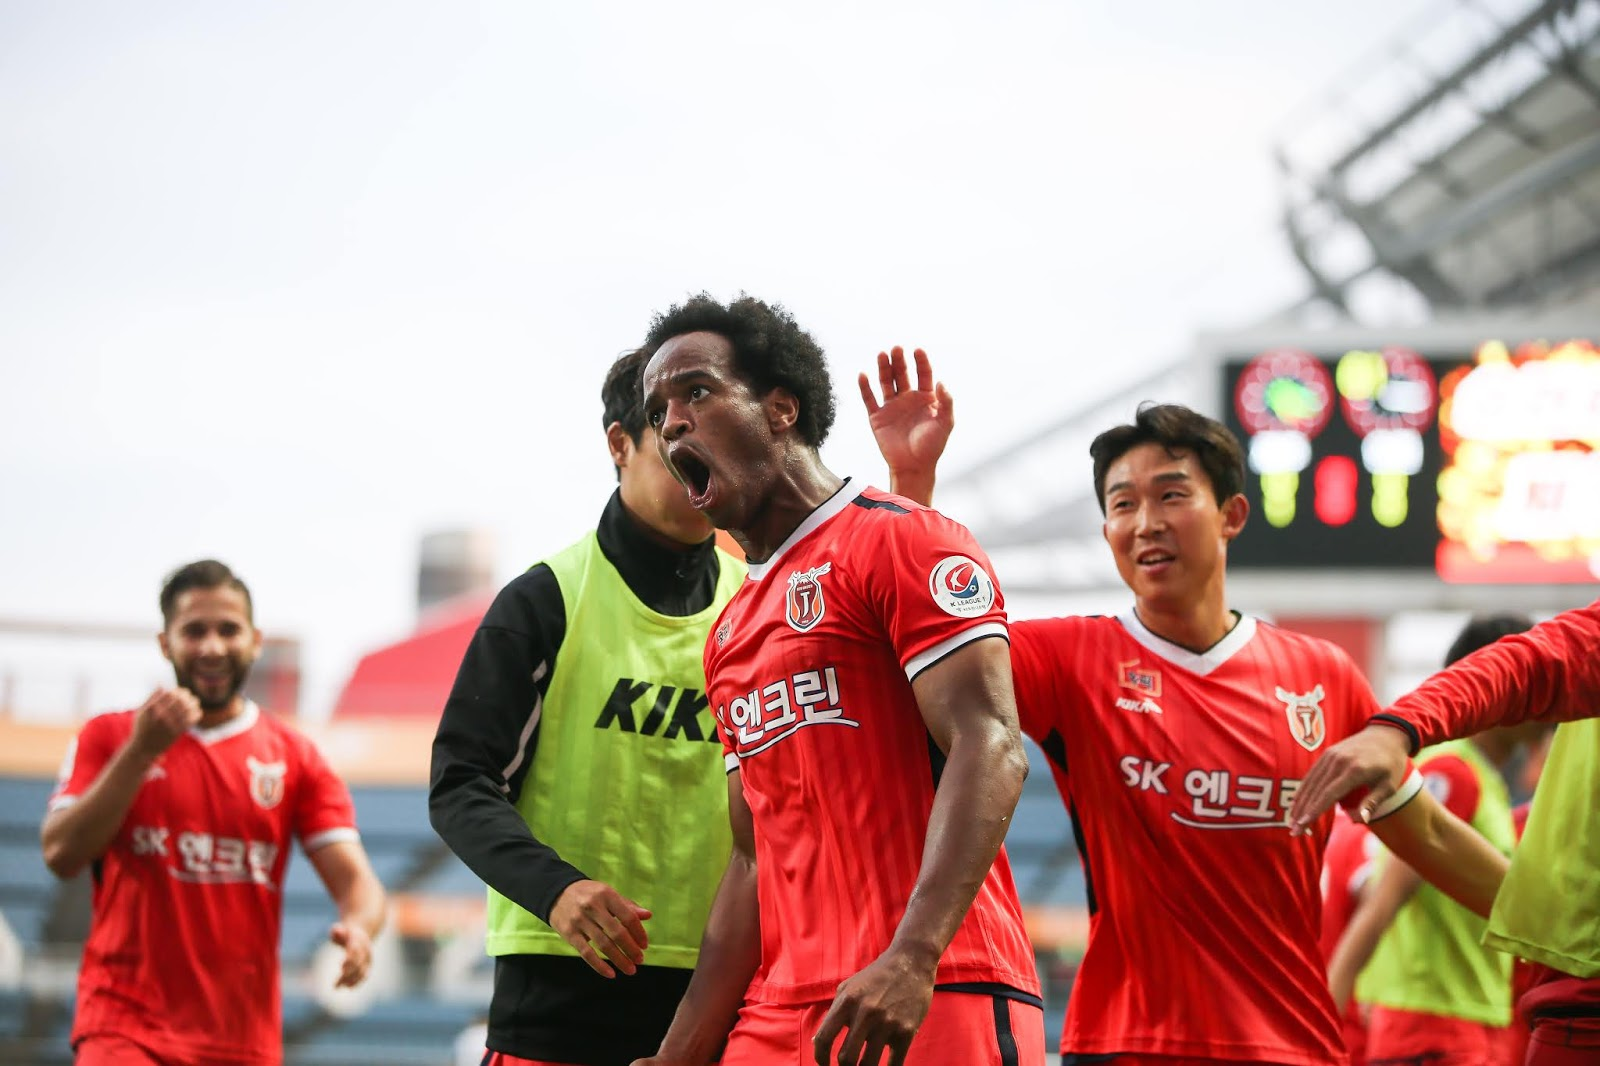 Magno scoring against Incheon United 11.02.19